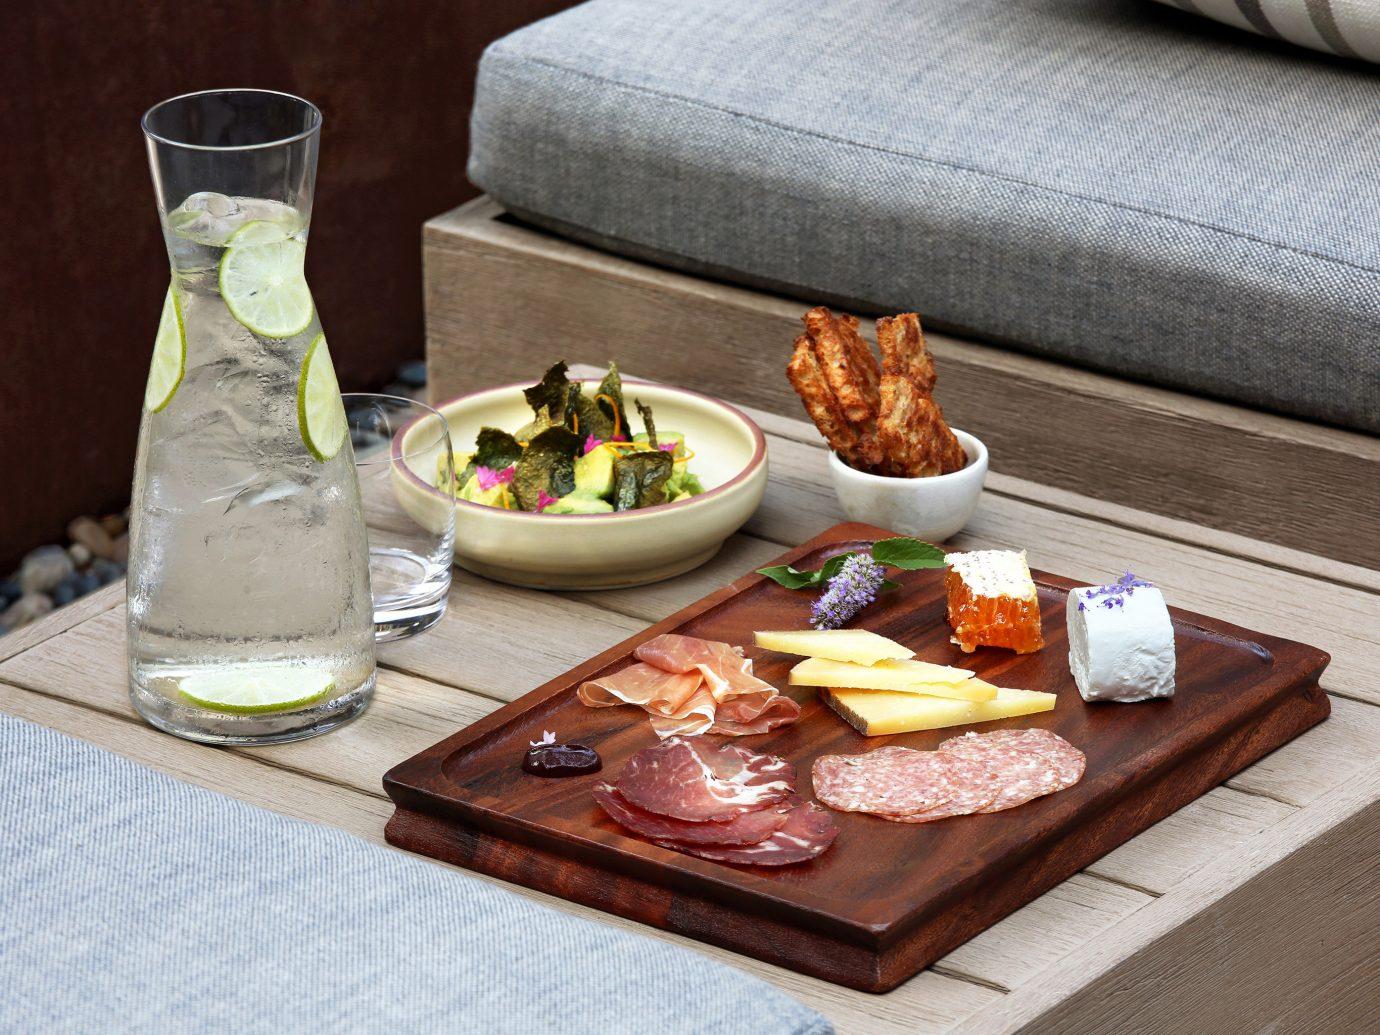 Hotels Romance table food coffee brunch meal Drink breakfast cuisine dish full breakfast finger food appetizer